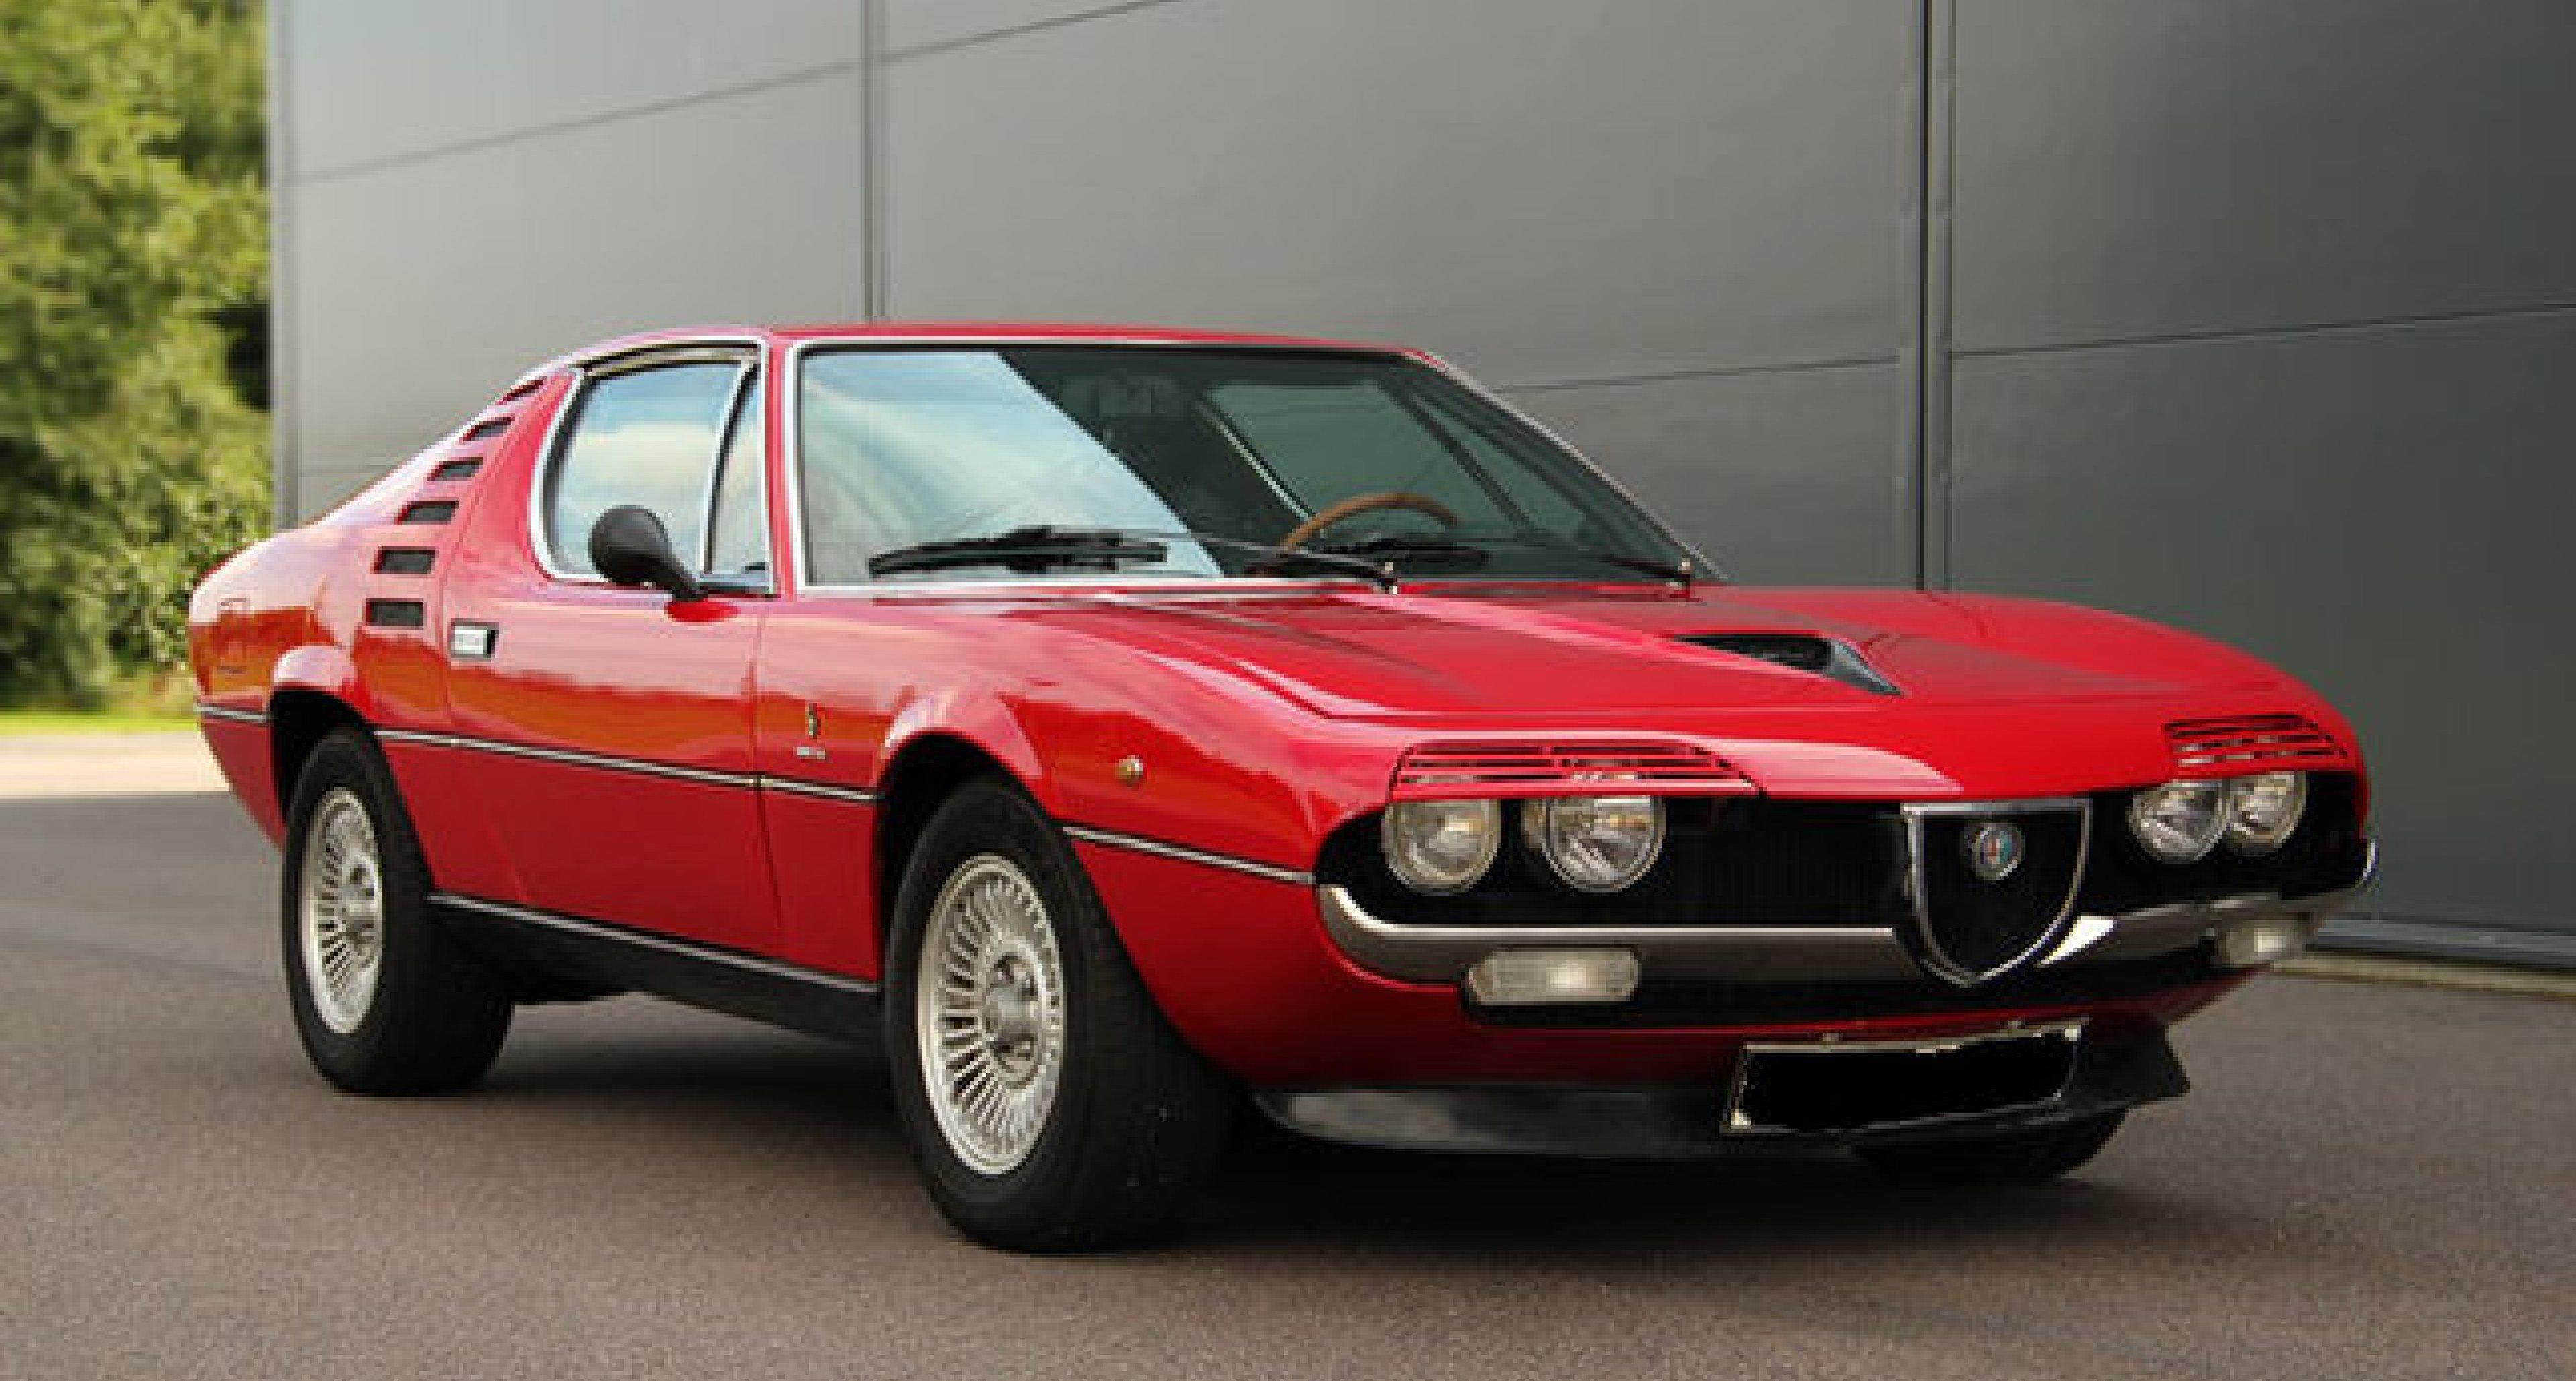 Alfa_Romeo_Montreal_01pop.jpg?itok=fTyhw